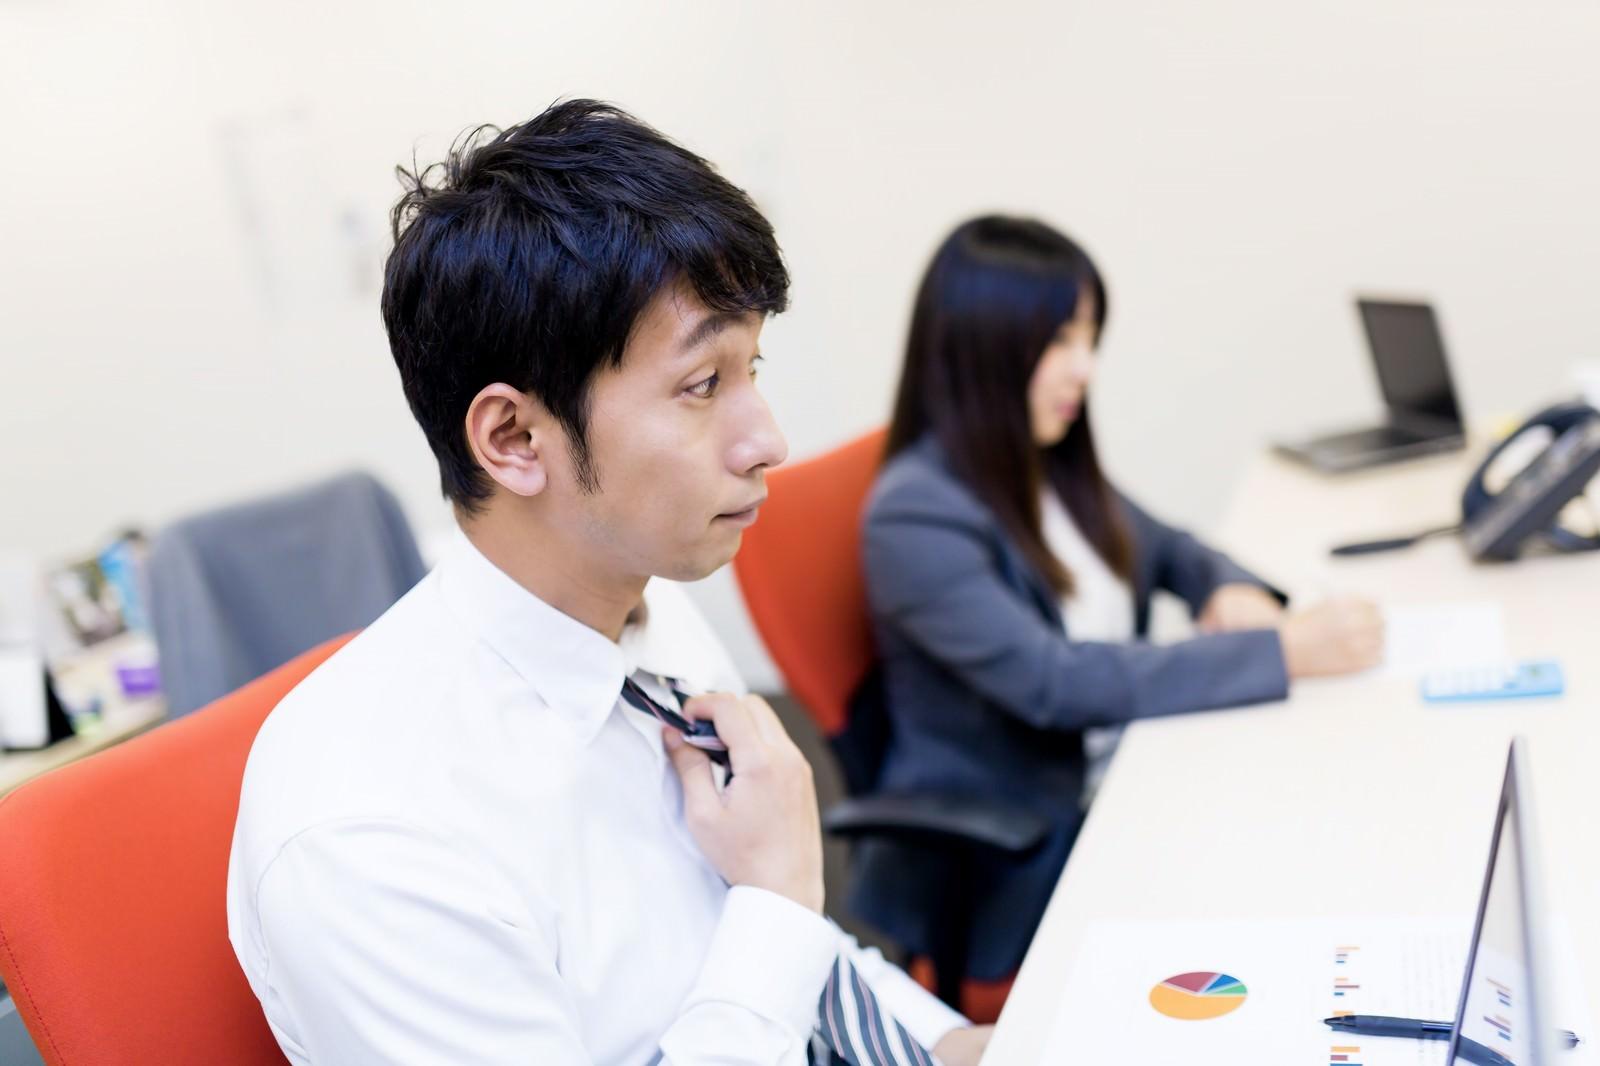 「大事な会議前にデスクでネクタイを締めるビジネスパーソン」の写真[モデル:大川竜弥 Lala]